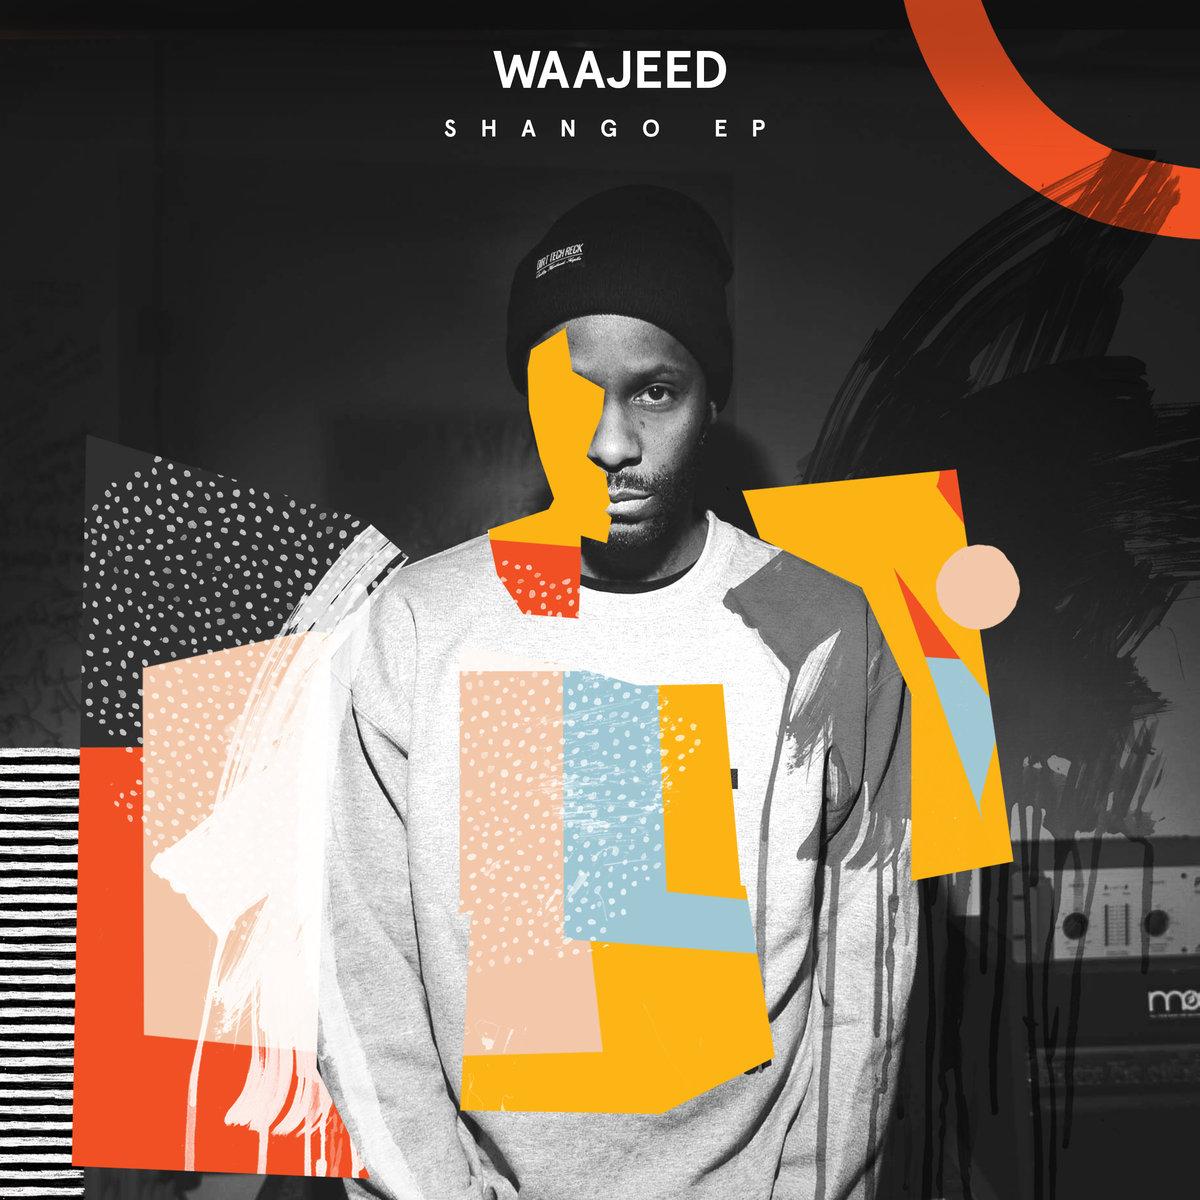 Waajeed